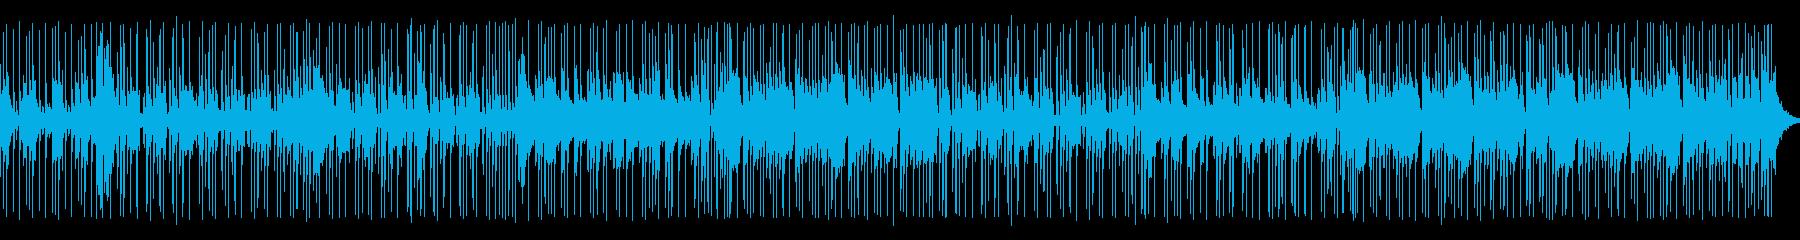 ドラムキックの効いたかっこいいロックの曲の再生済みの波形